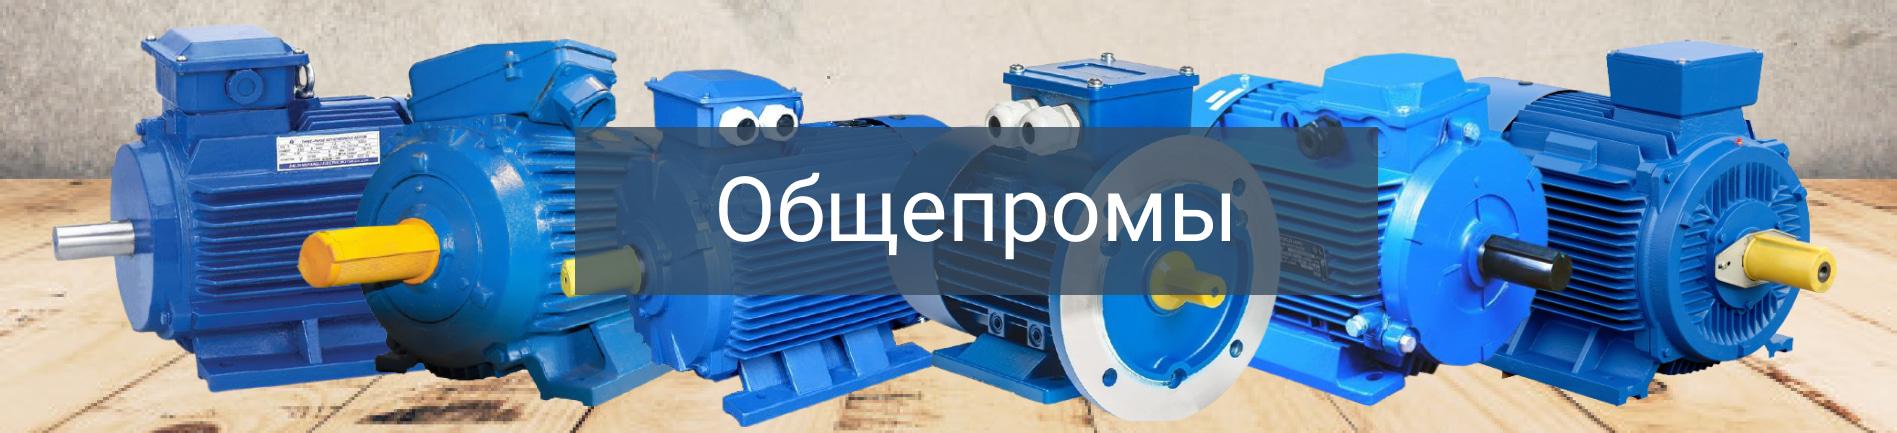 Общепромышленные электродвигатели 5,5 квт